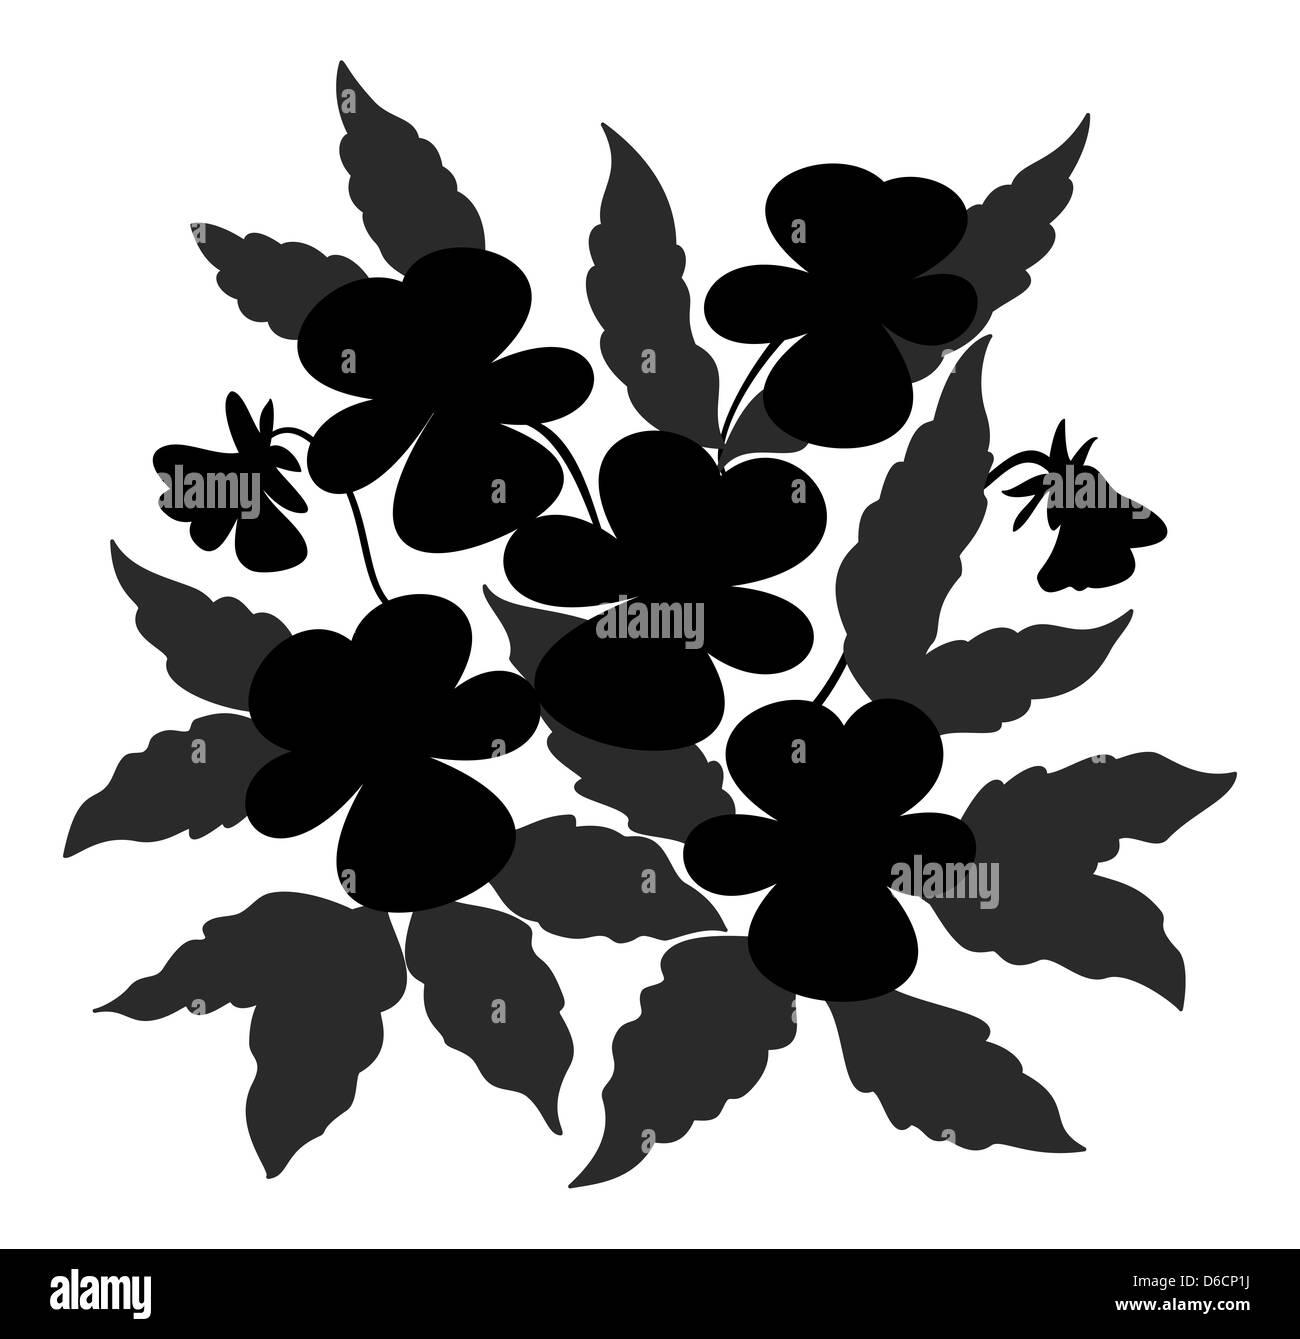 Contorno - flores flores Imagen De Stock